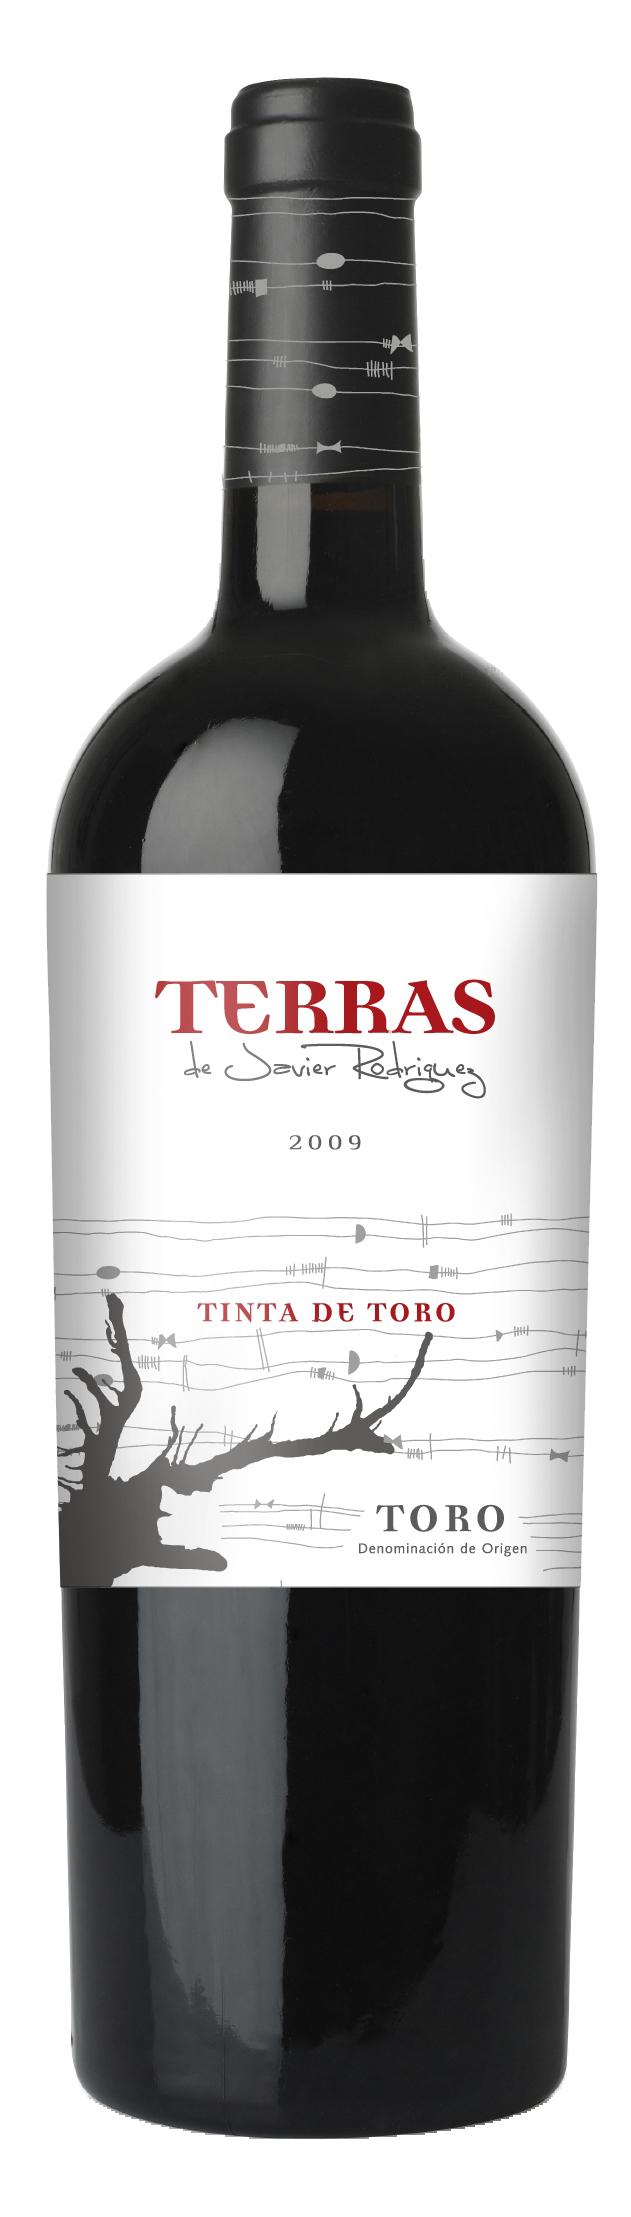 Terras JR Toro 2009